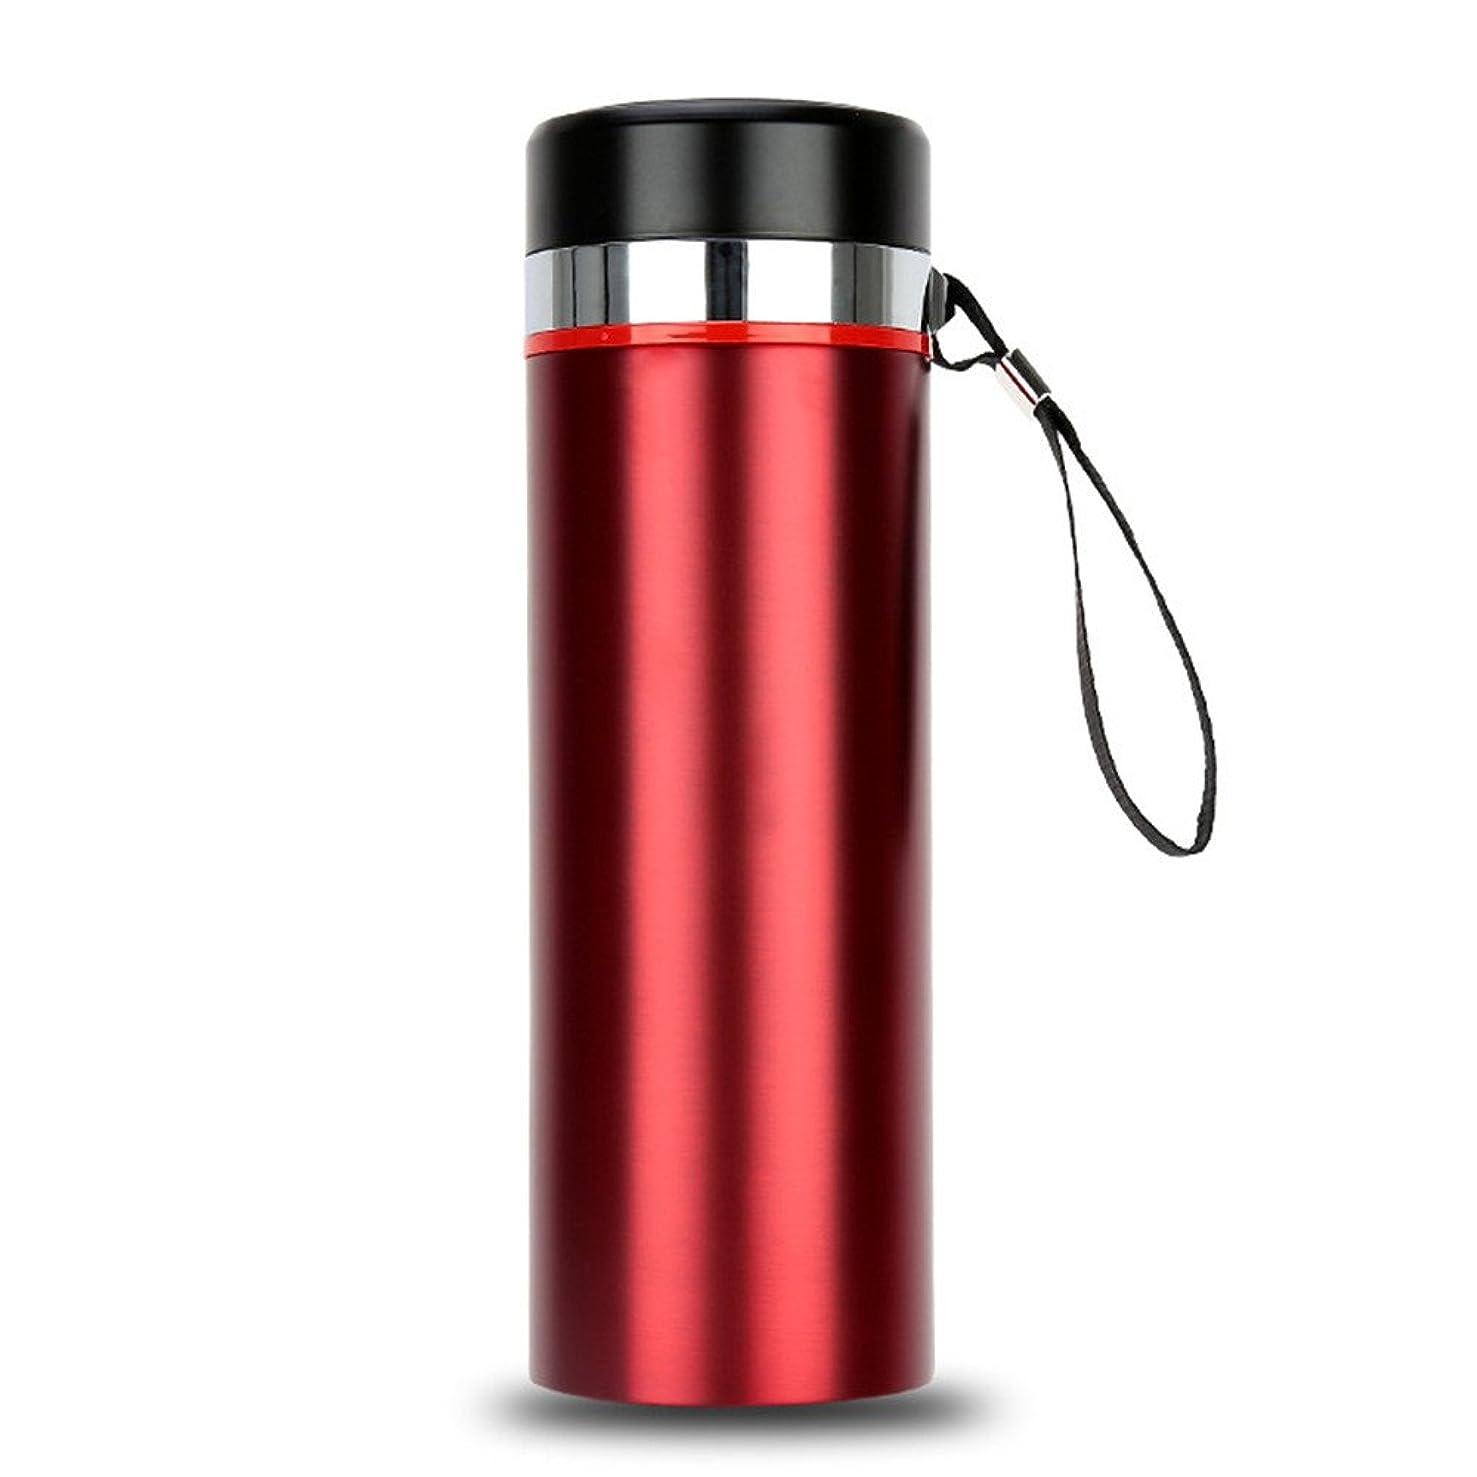 湿地勝者放つOkiiting ステンレス鋼大容量800ミリリットルスポーツボトル断熱カップ人間工学に基づいたデザインポータブルウォーターカップ高温品質保証 うまく設計された (Capacity : 800ml, 色 : 赤)